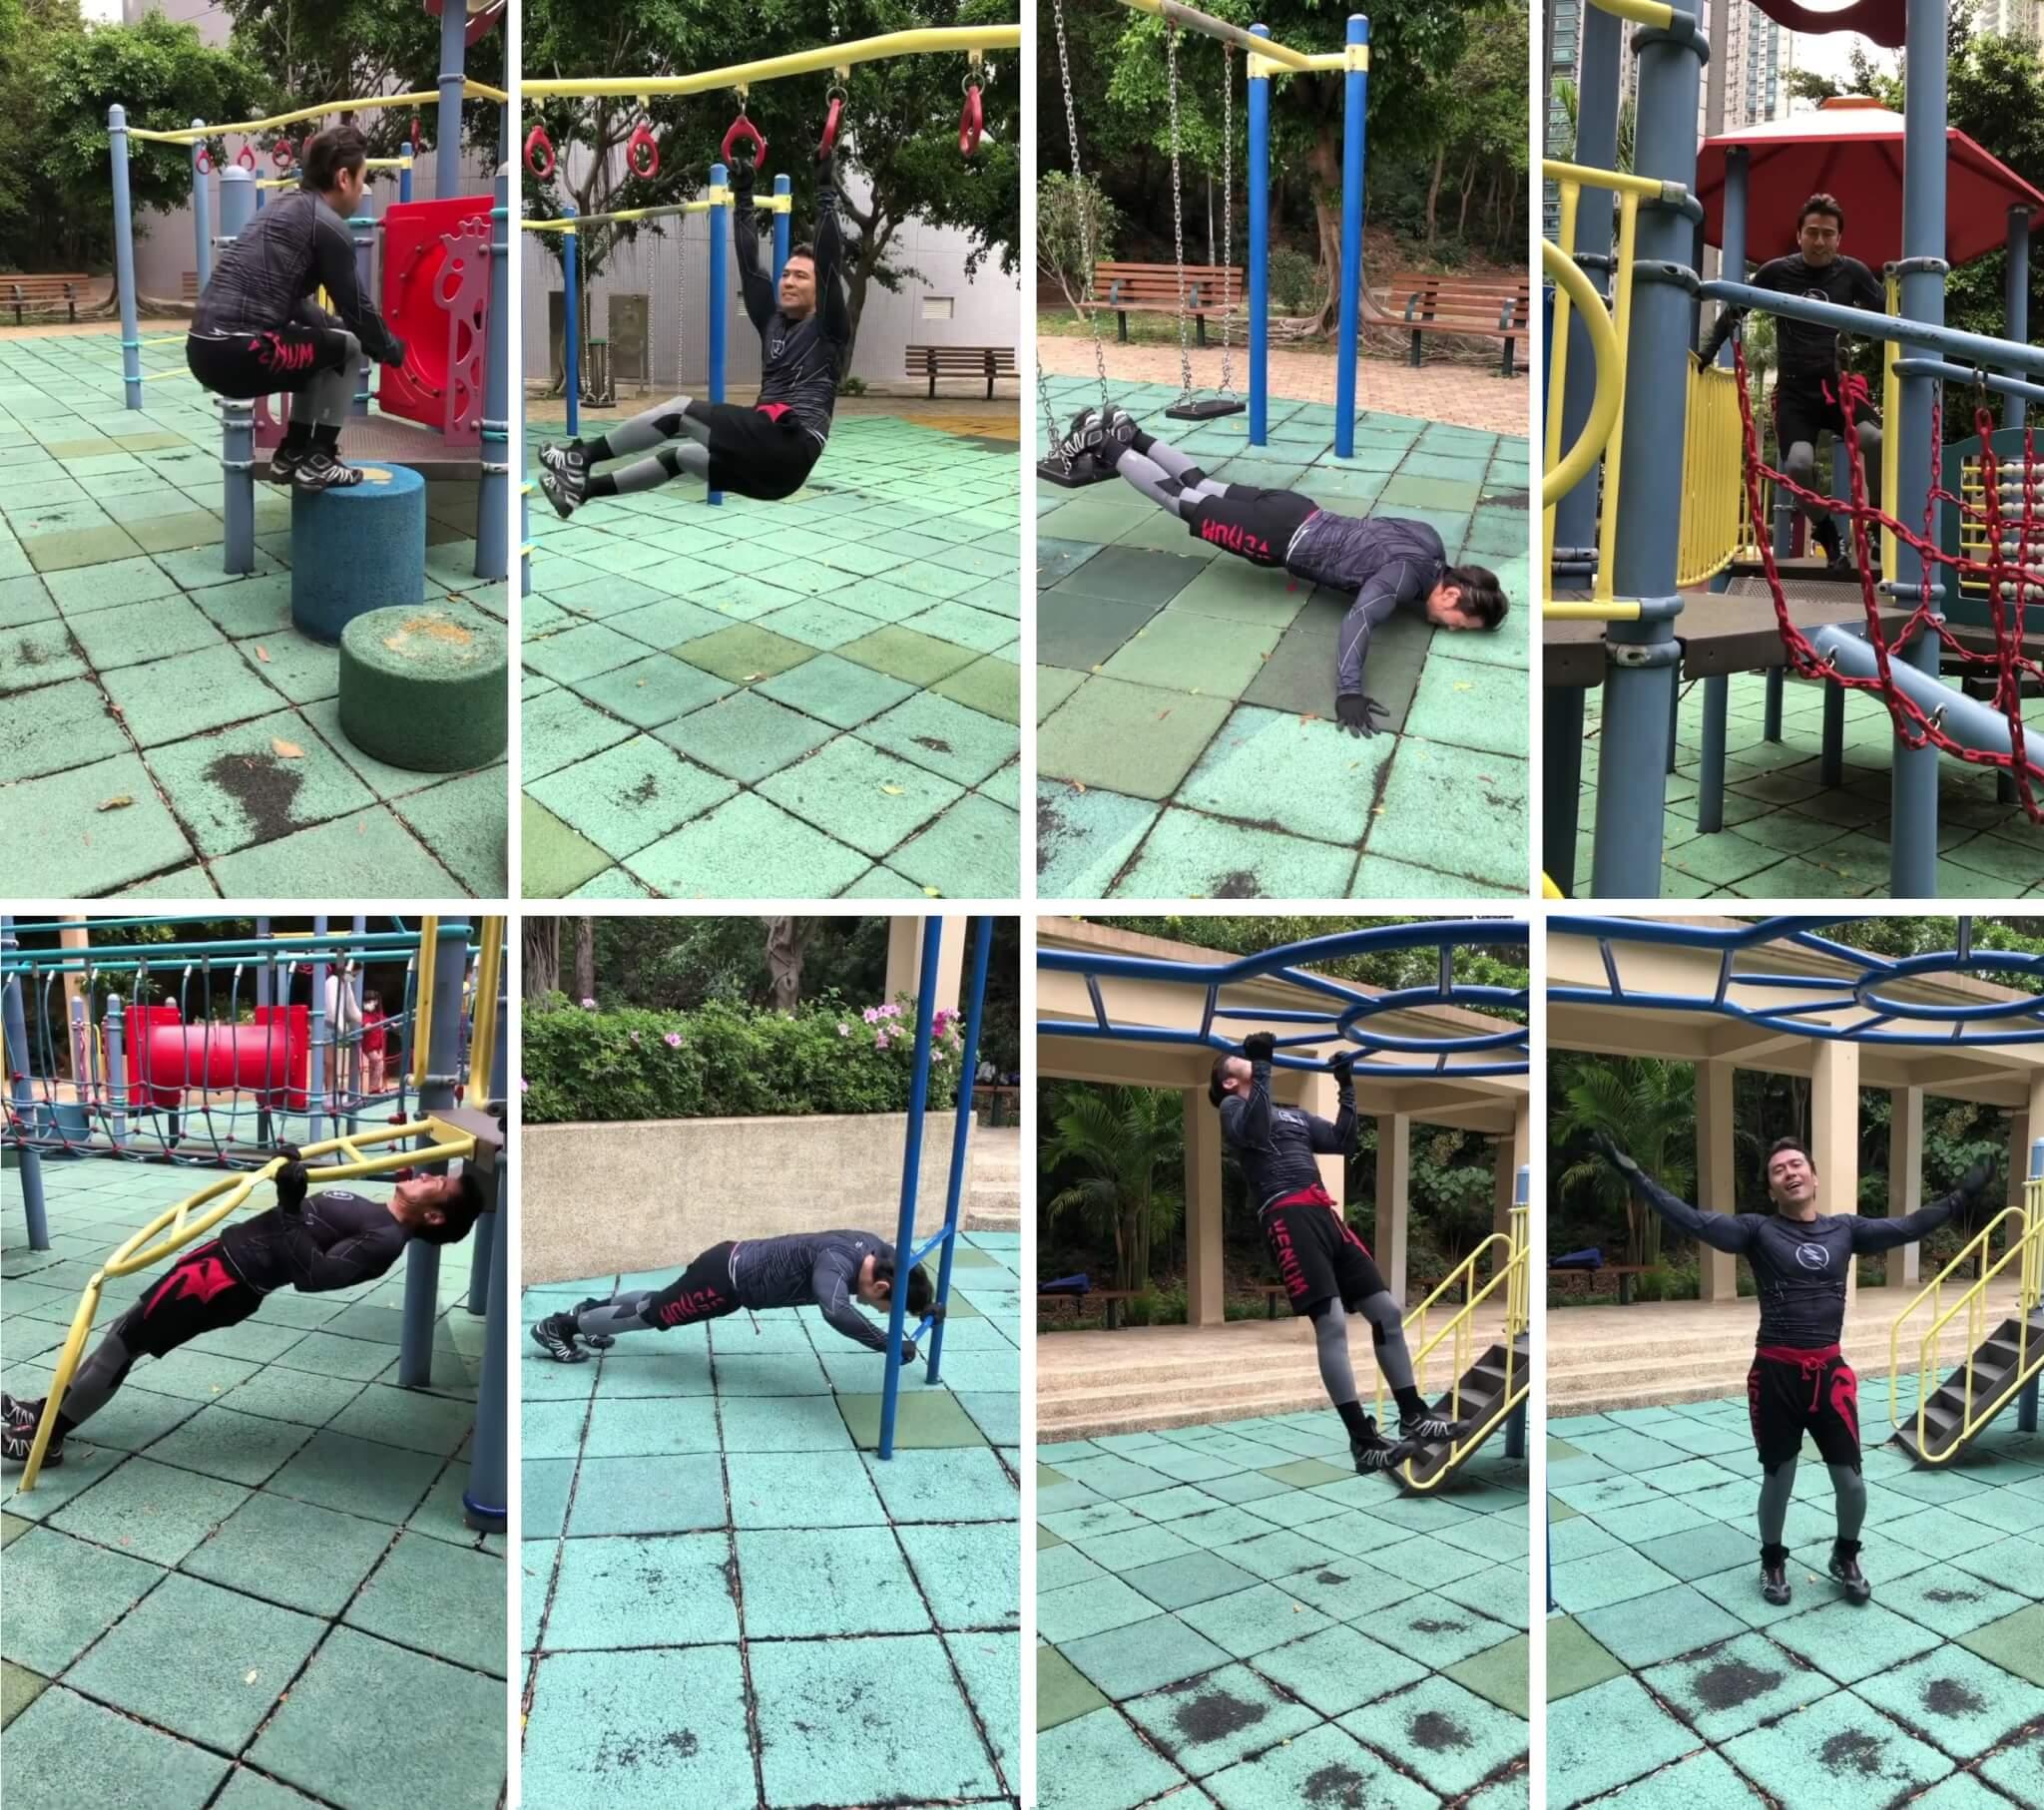 唐文龍不斷穿梭於公園遊樂設施,掌上壓、引體上升,將最基本的鍛鍊動作再加重強度,三分鐘內體能大爆發。